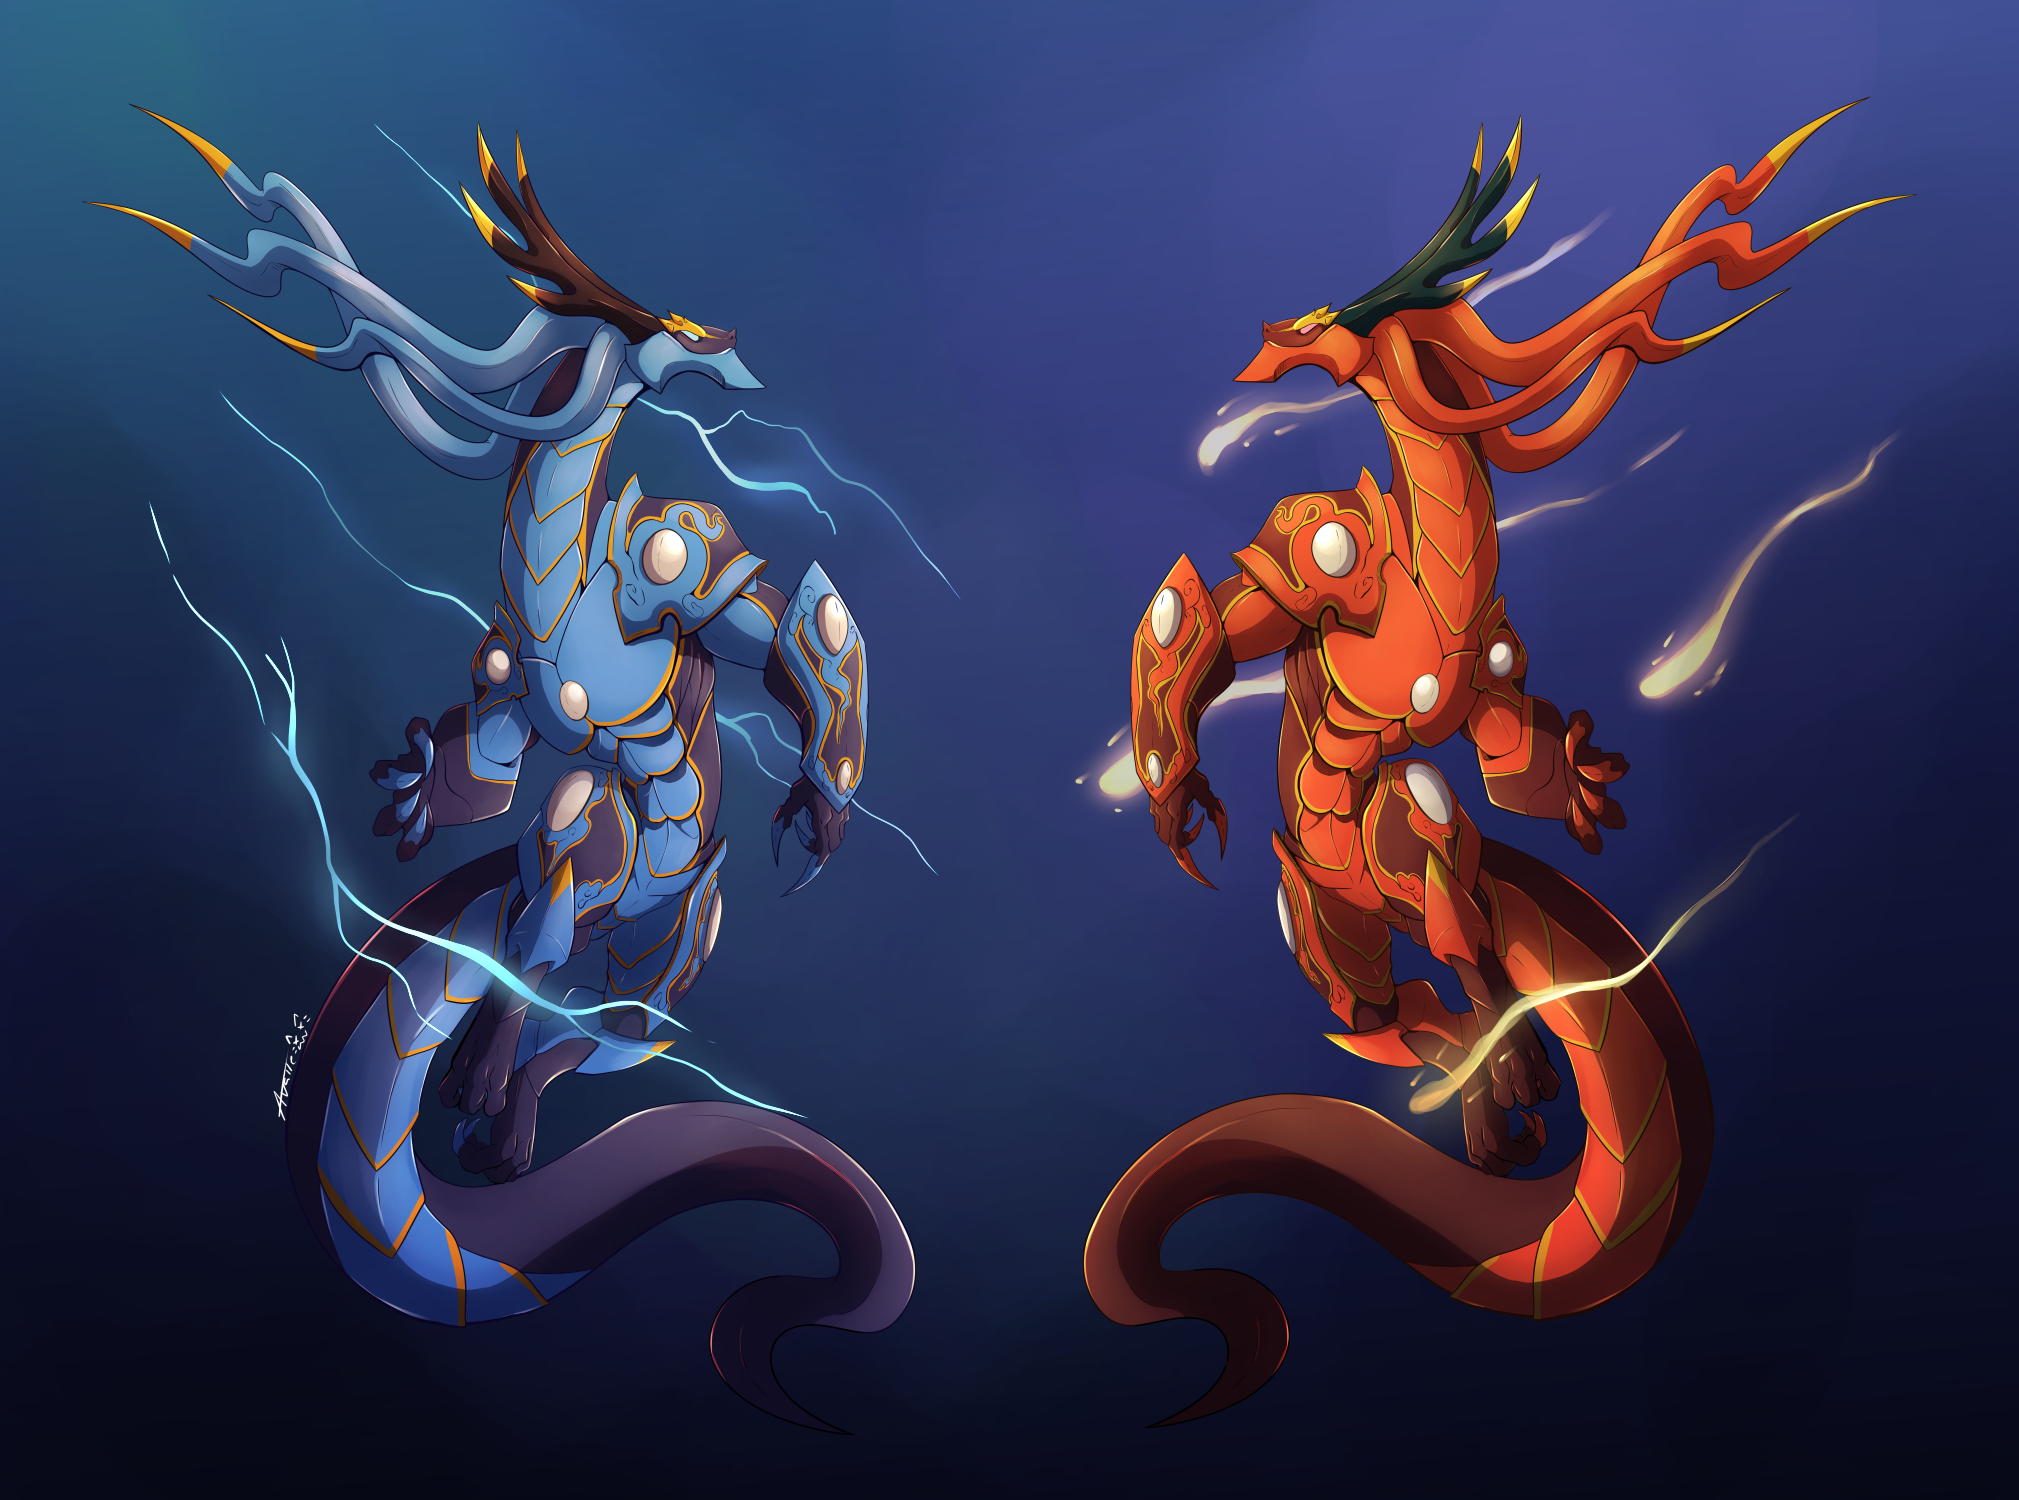 The Twin Dragon Kings